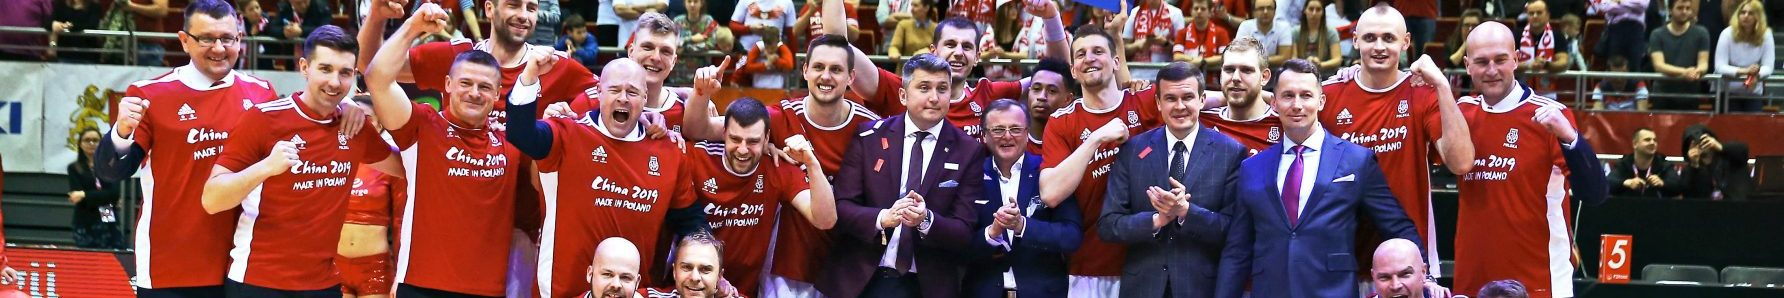 wielki sukces polskich koszykarzy